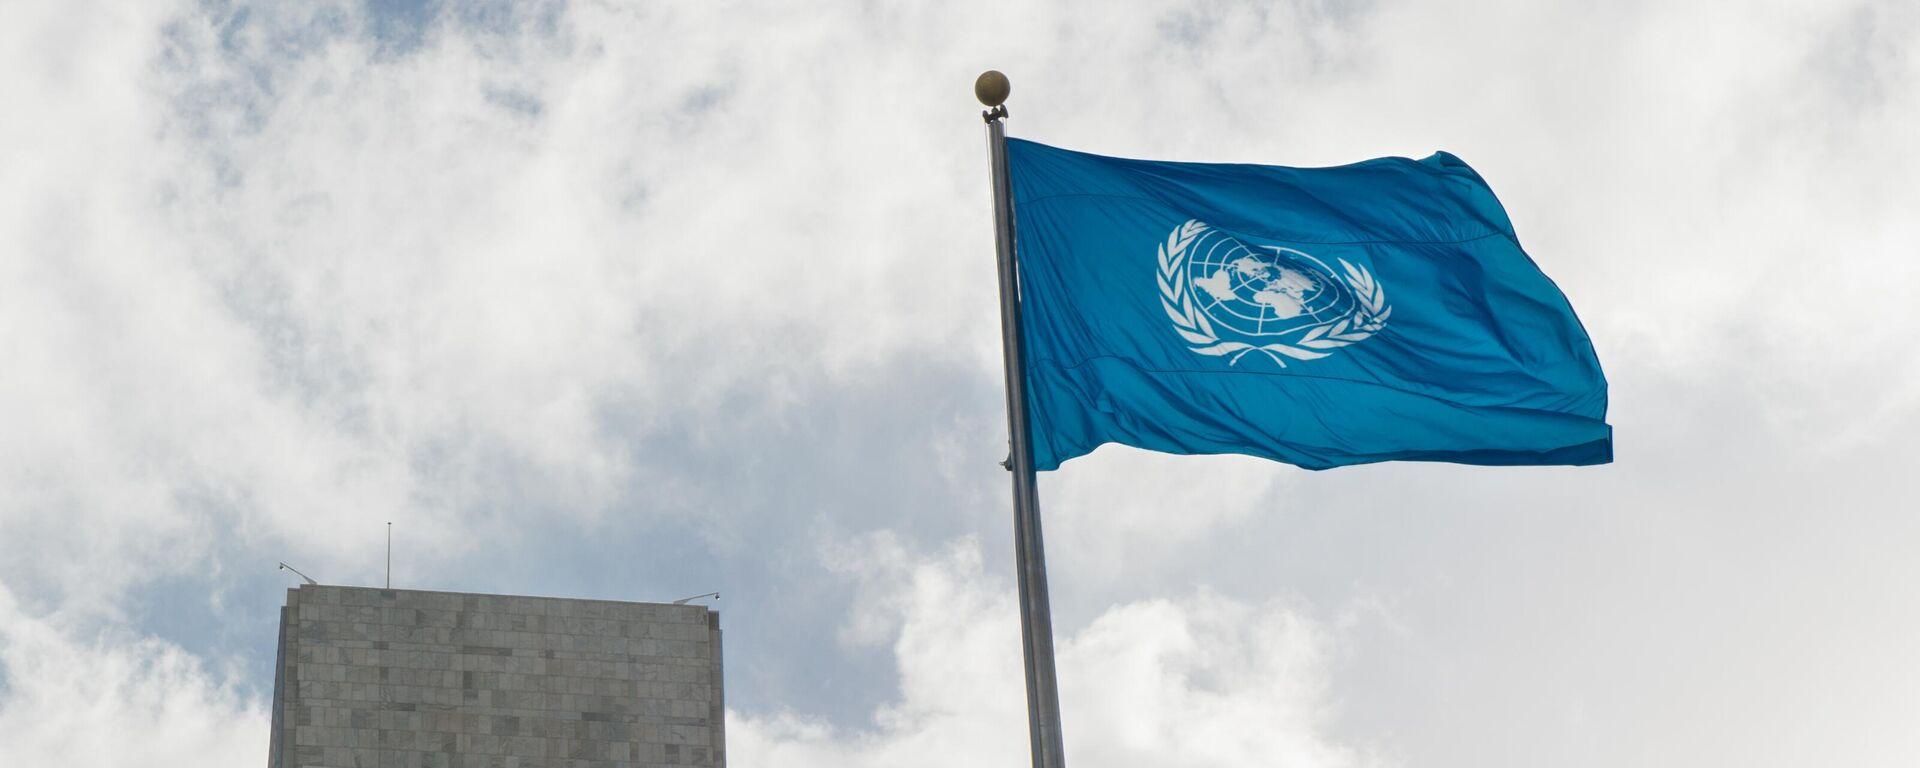 70-я сессия Генеральной Ассамблеи ООН - Sputnik Латвия, 1920, 17.09.2021